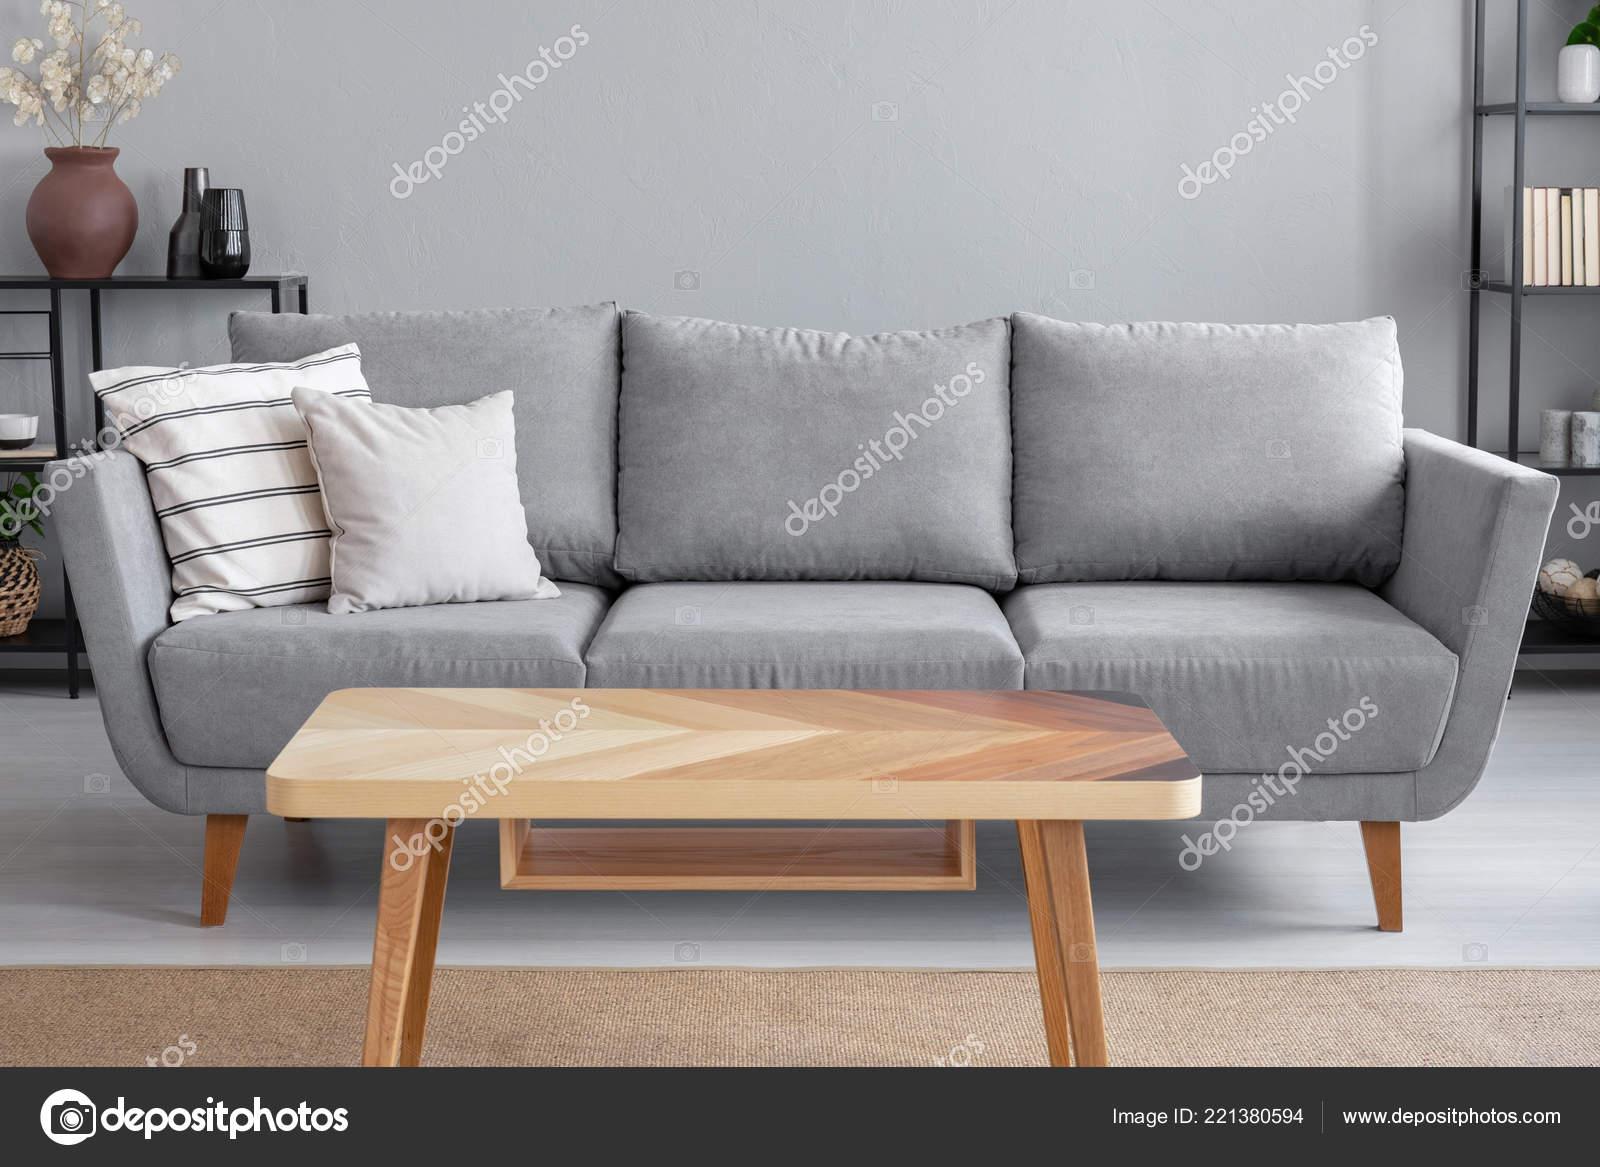 Holztisch Und Grosse Graue Couch Mit Kissen Wohnzimmer